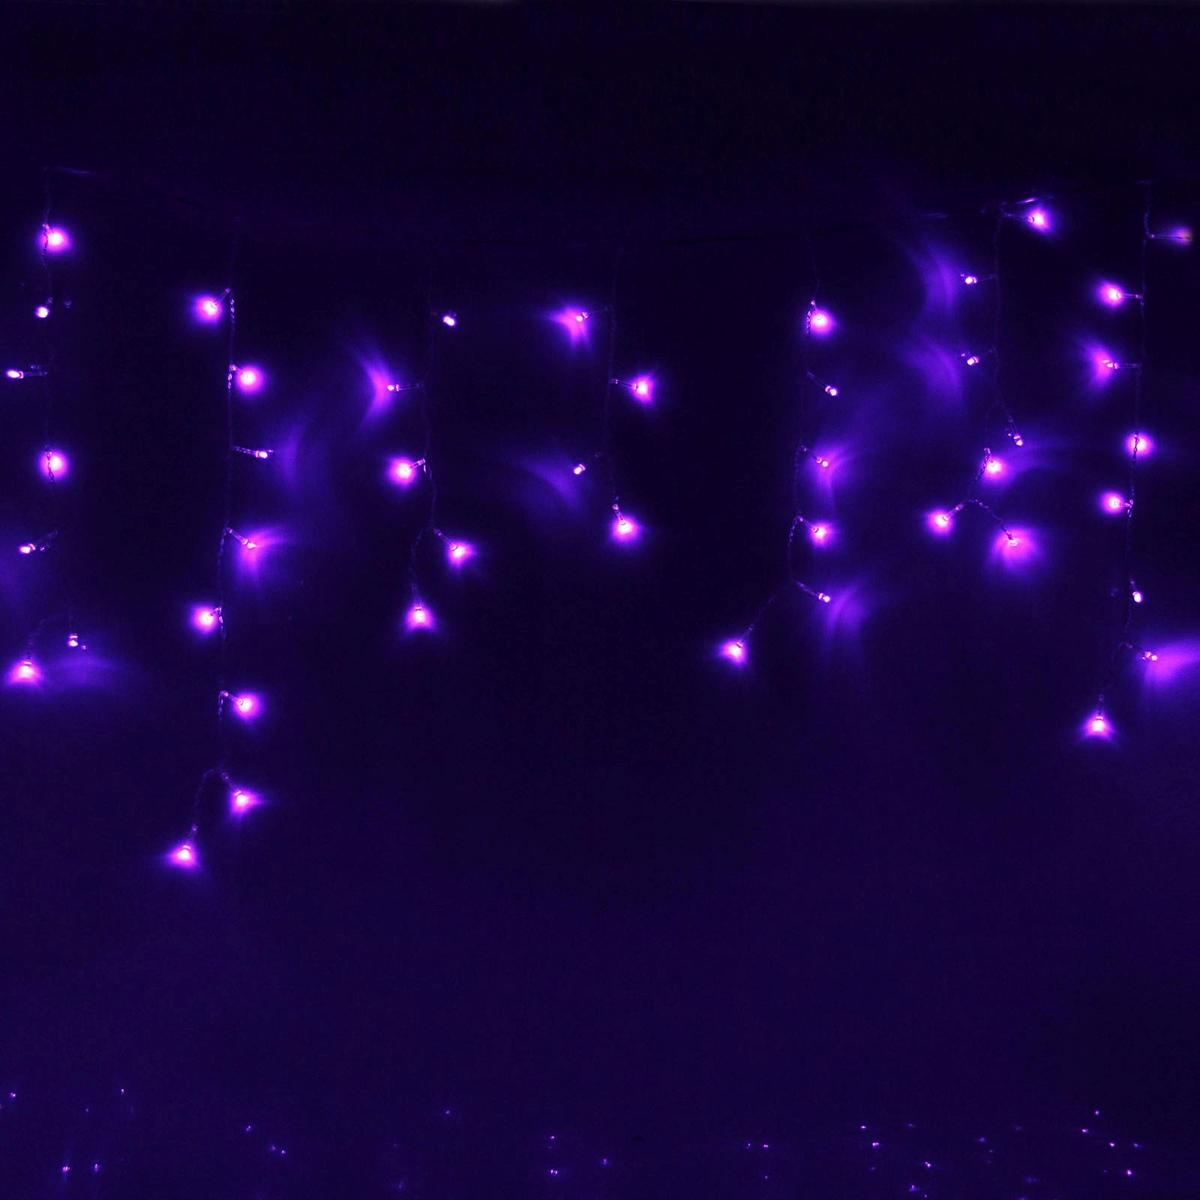 Гирлянда светодиодная Luazon Бахрома, уличная, 160 ламп, 220 V, цвет: фиолетовый, 3 х 0,6 м. 187282187282Светодиодные гирлянды, ленты и т.д — это отличный вариант для новогоднего оформления интерьера или фасада. С их помощью помещение любого размера можно превратить в праздничный зал, а внешние элементы зданий, украшенные ими, мгновенно станут напоминать очертания сказочного дворца. Такие украшения создают ауру предвкушения чуда. Деревья, фасады, витрины, окна и арки будто специально созданы, чтобы вы украсили их светящимися нитями.